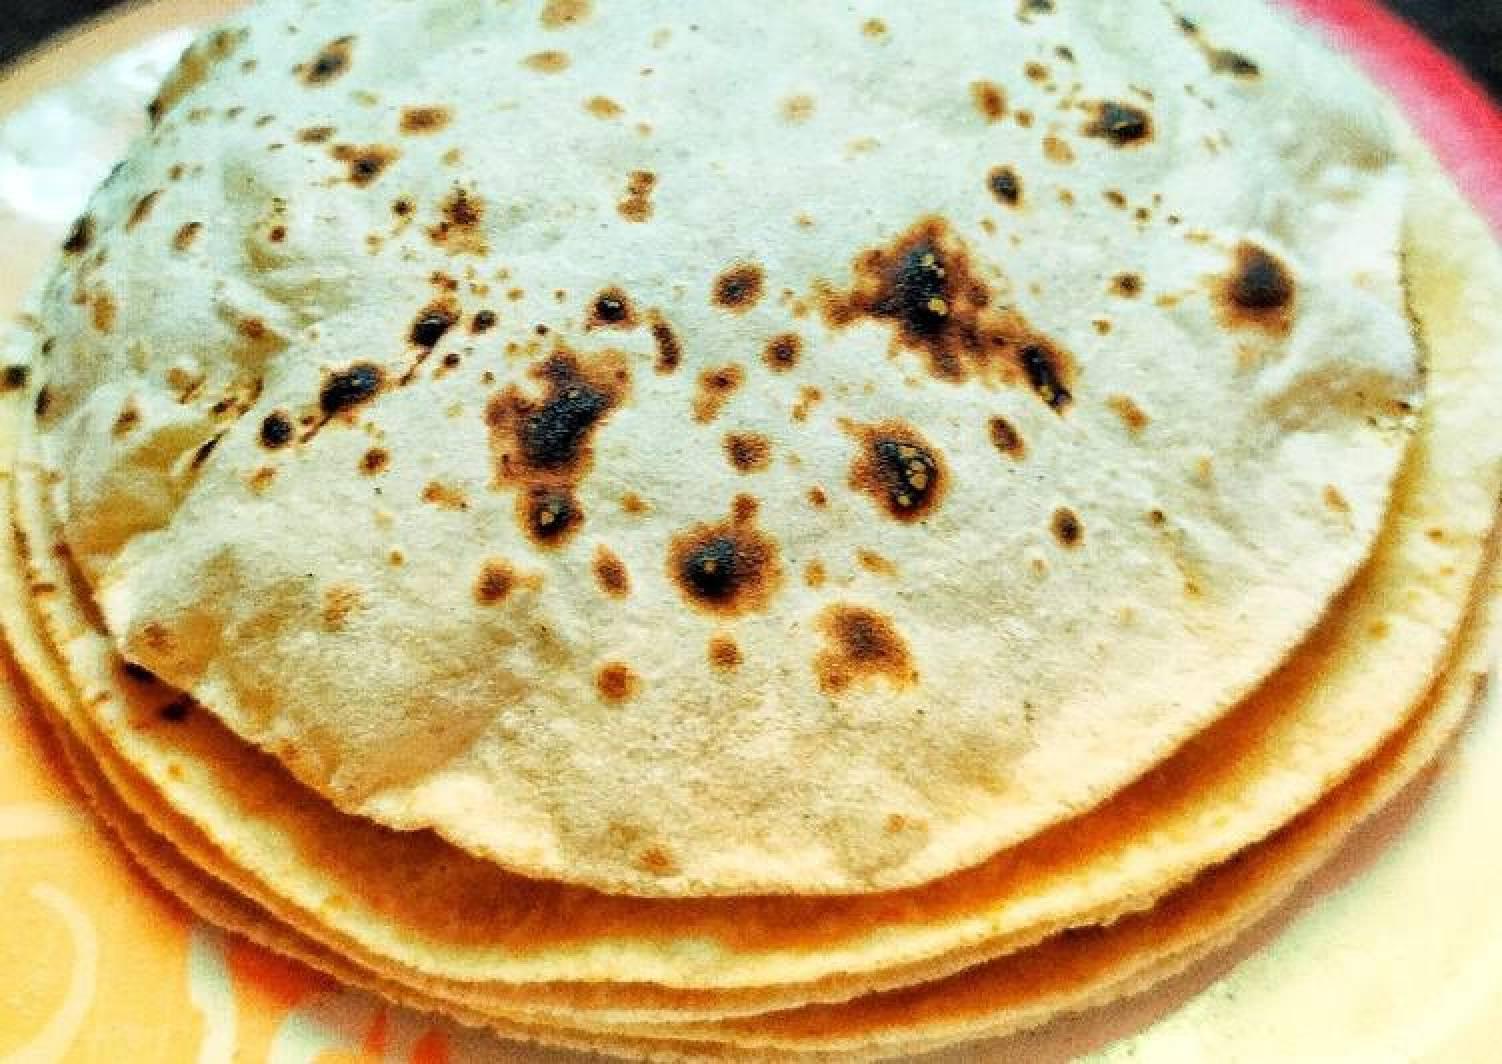 Phulka Roti, Chapati, Puffed Indian bread